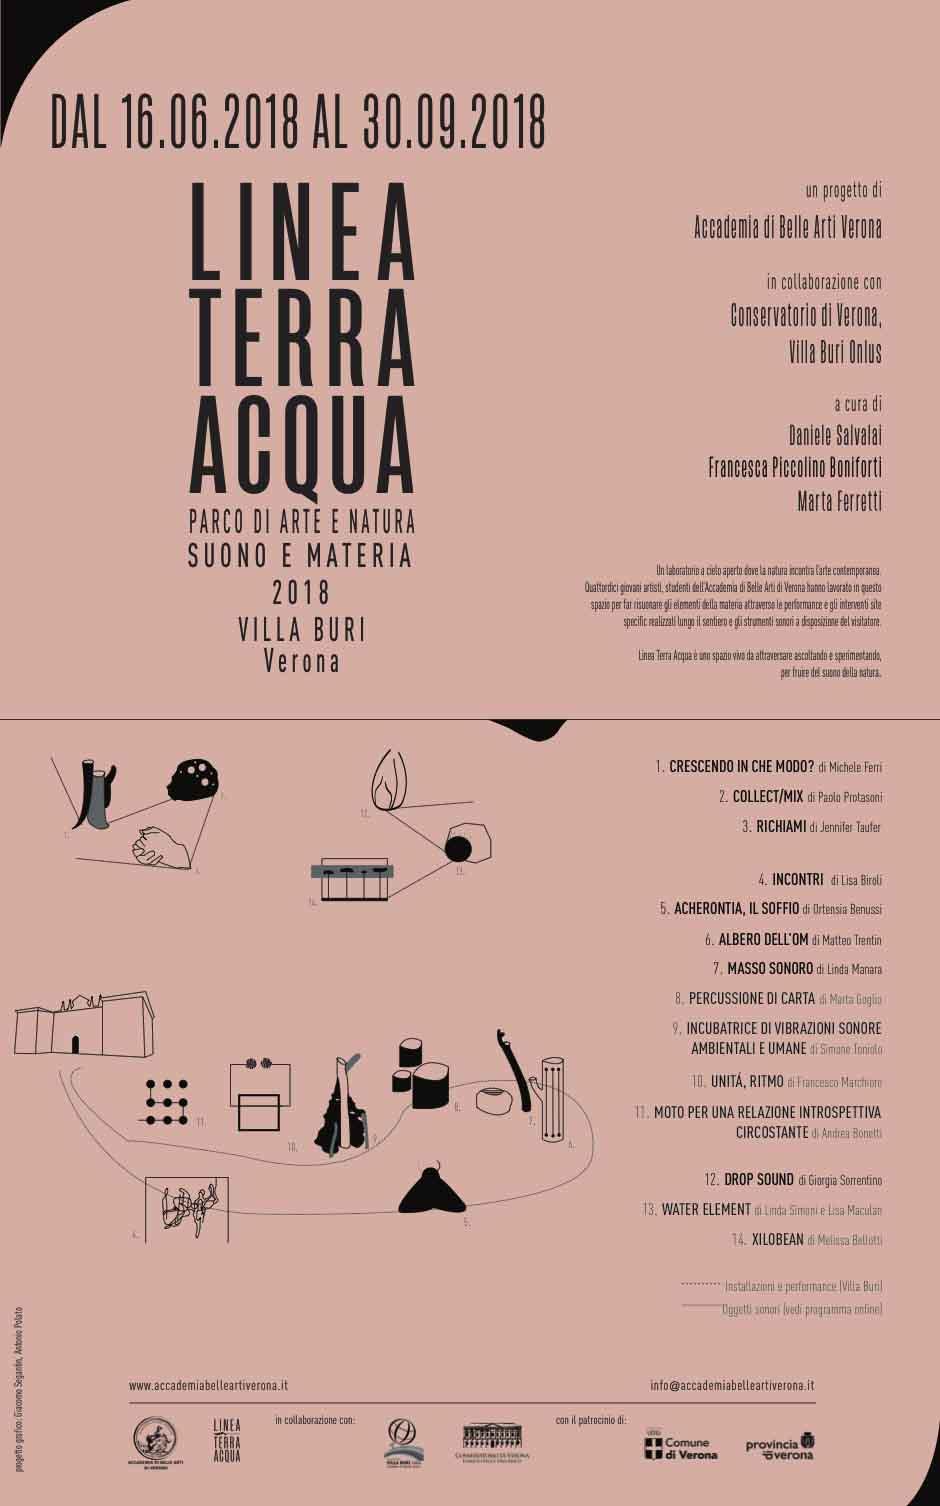 Antonio Polato Linea Terra Acqua 2018 Accademia di Belle Arti di Verona manifesto